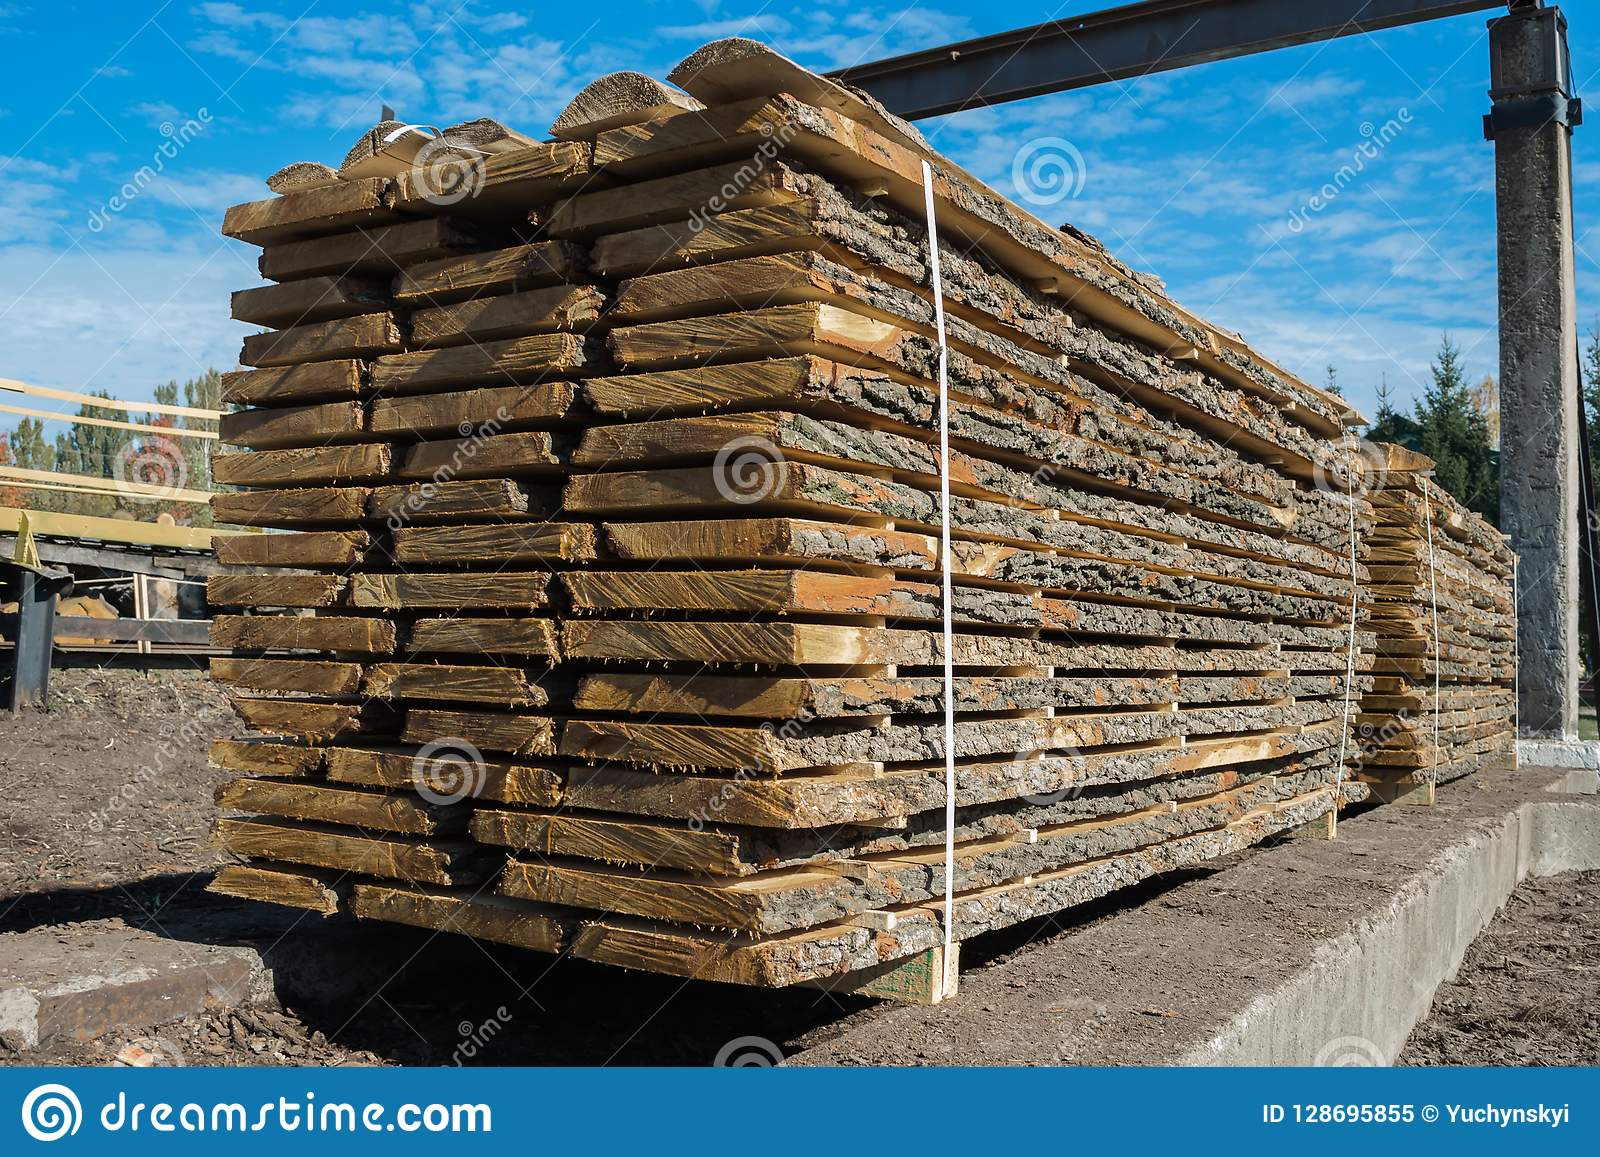 Les conseils crus pliés dans l industrie de travail du bois, préparent pour charger sur des véhicules